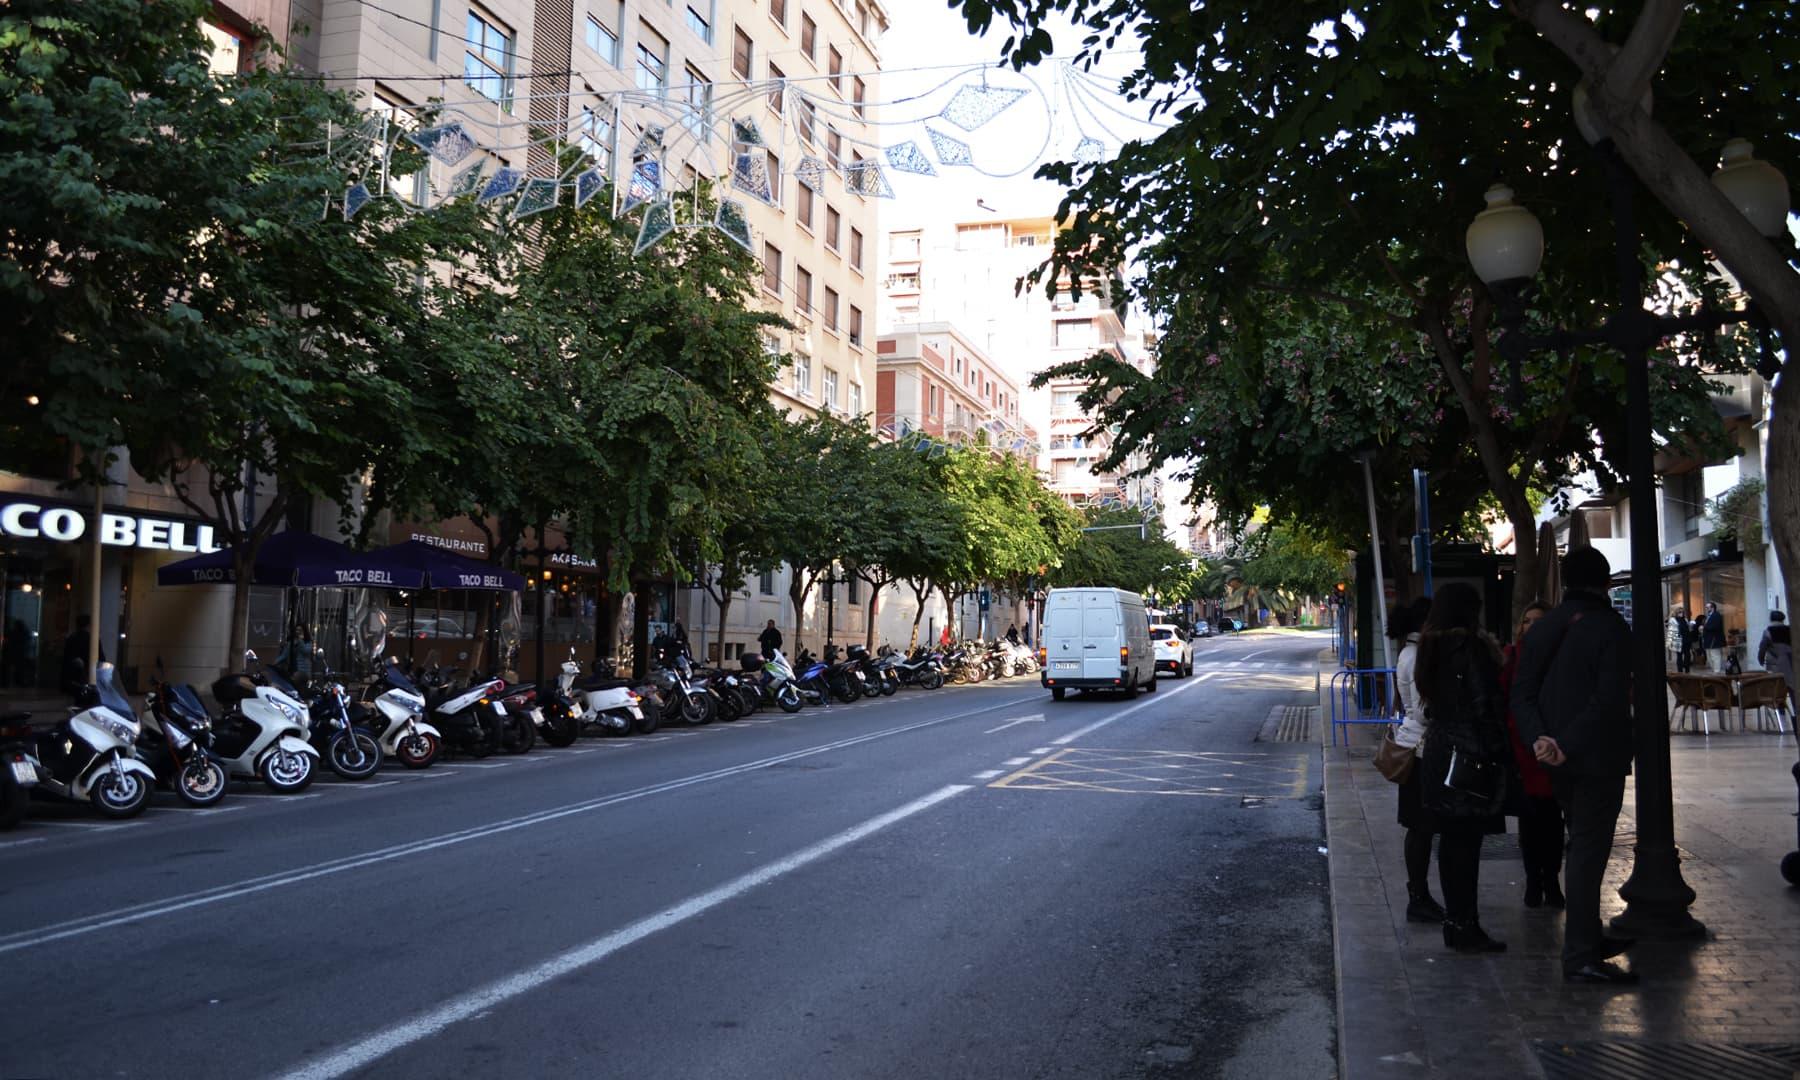 شہر میں جگہ جگہ سڑک کے دونوں جانب گھنے درخت لگے ہیں— تصویر رمضان رفیق